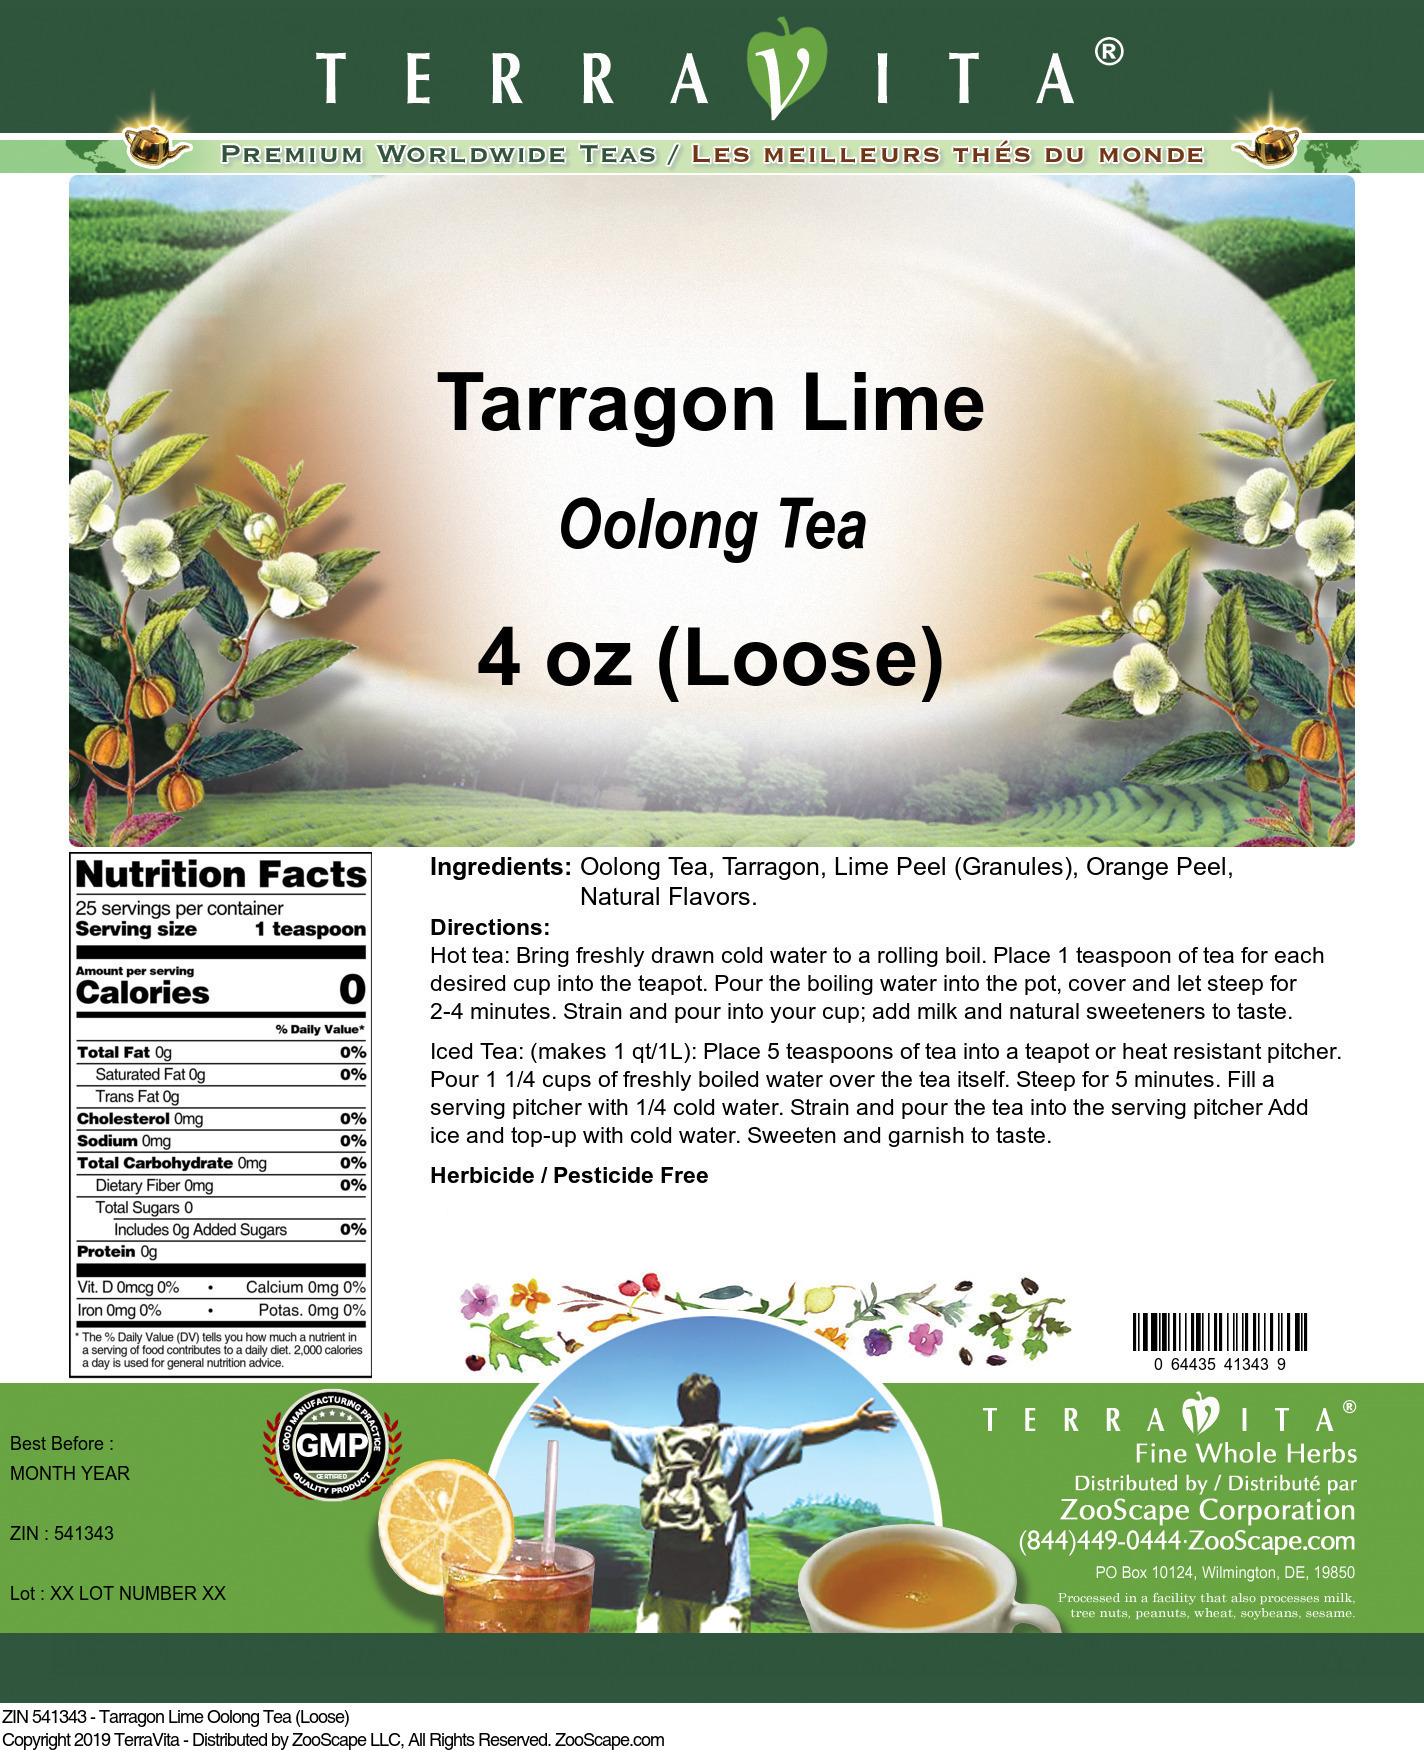 Tarragon Lime Oolong Tea (Loose)